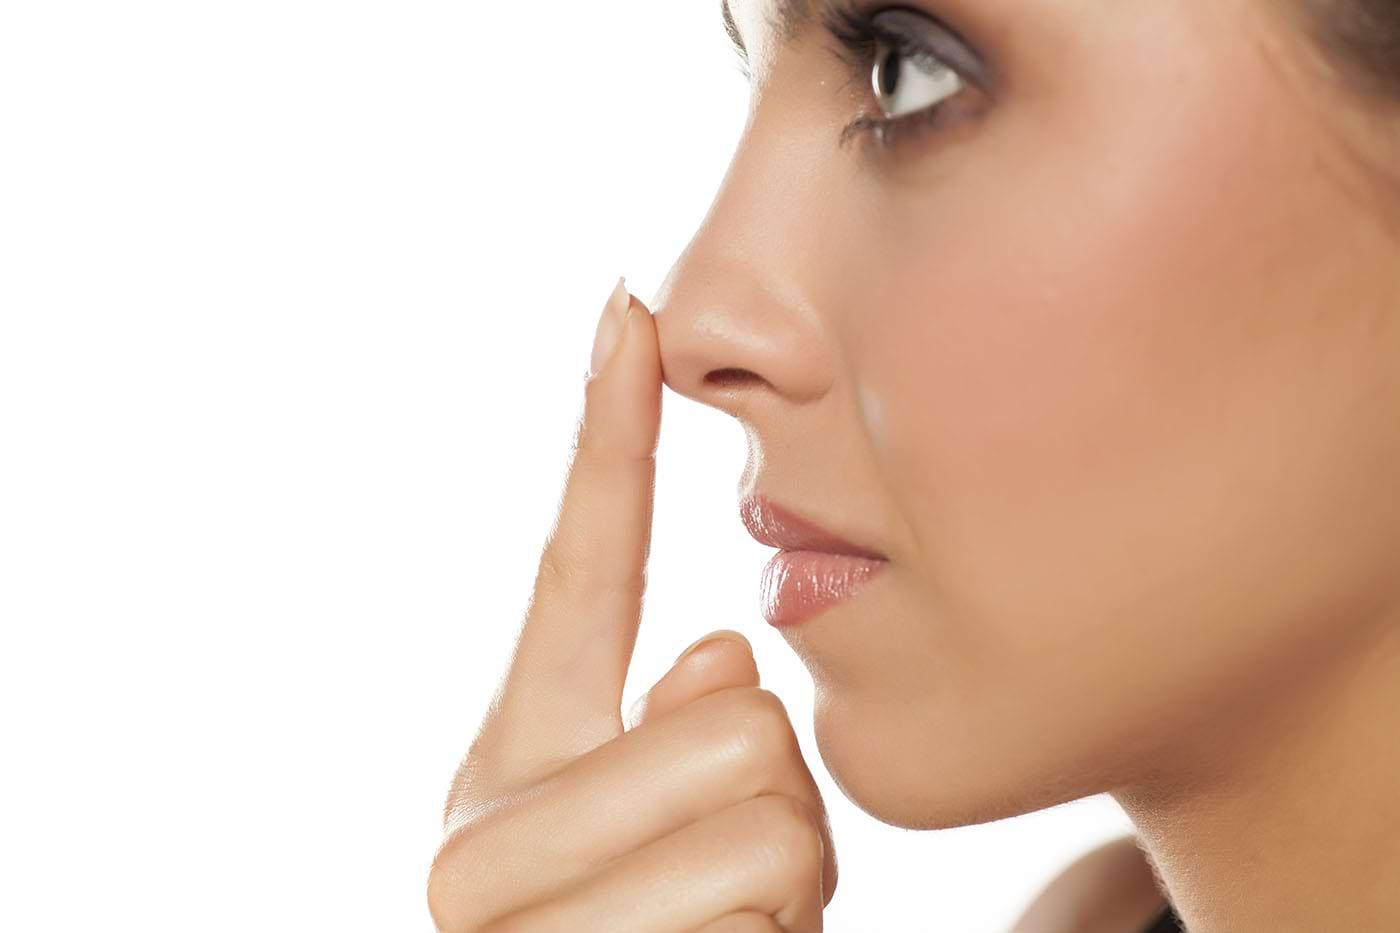 Piele înroșită în jurul nasului: cauze și remedii